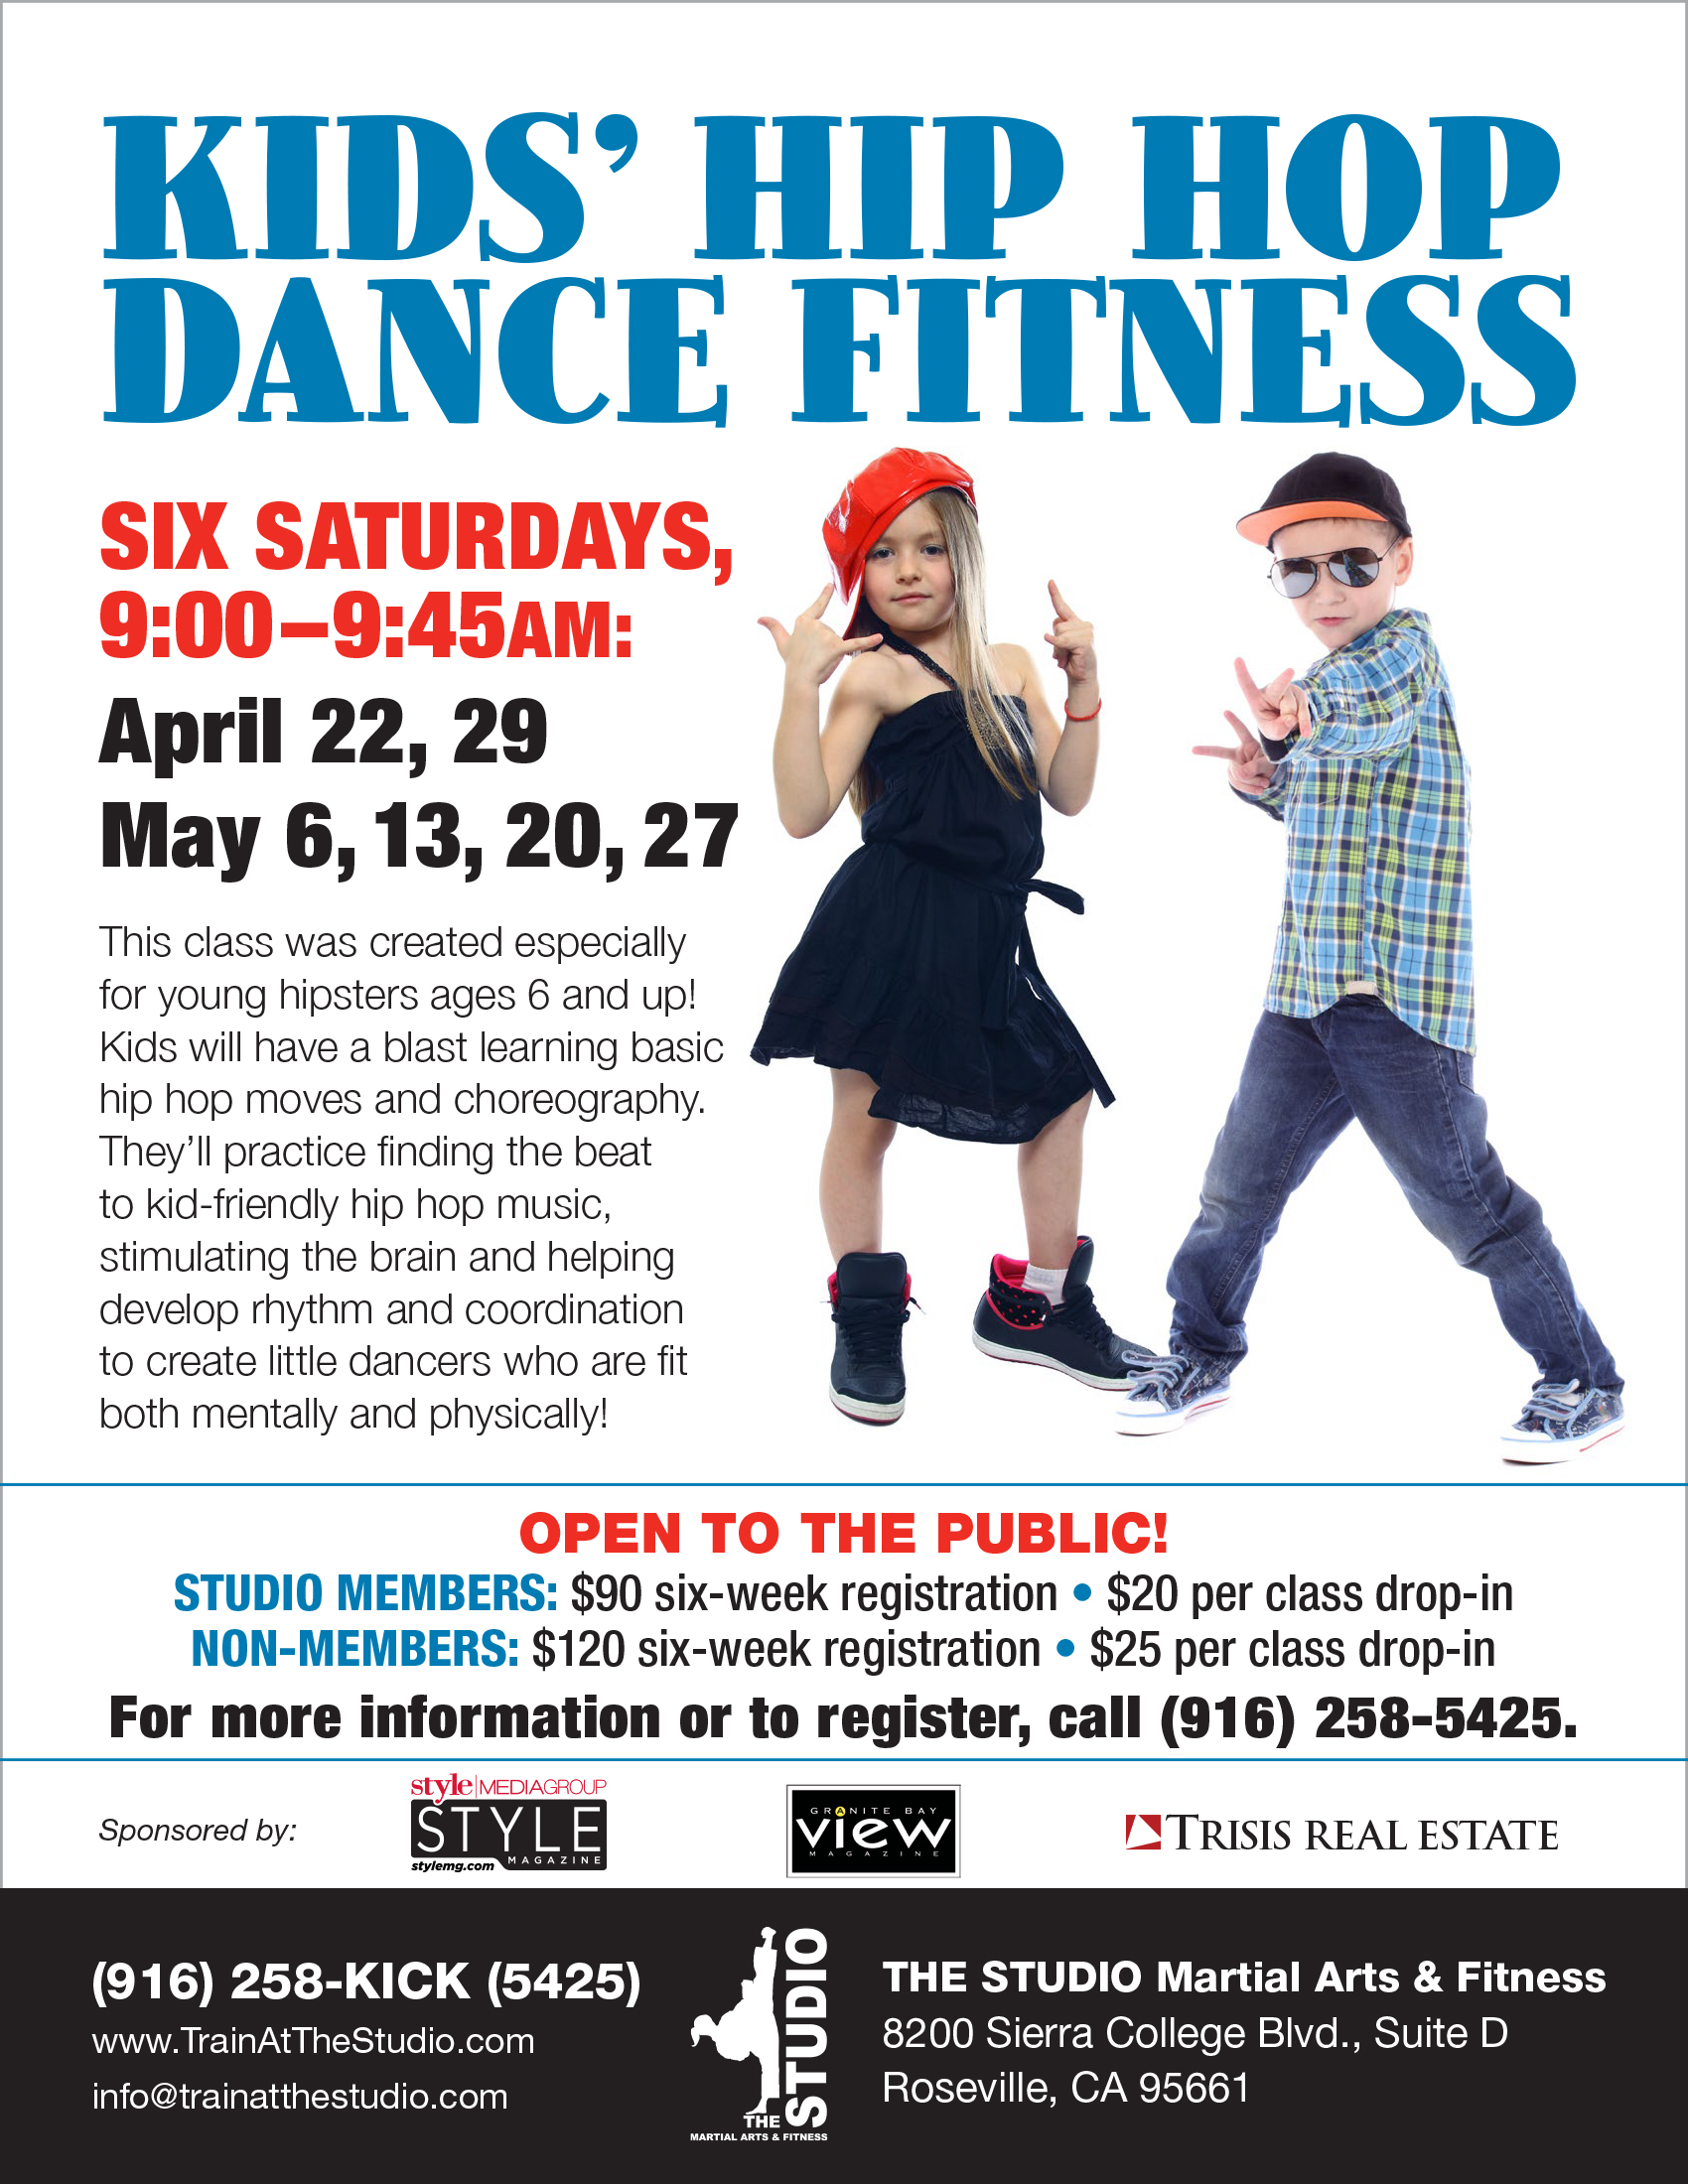 April 22 Kids Hip Hop Dance Fitness Begins The Studio